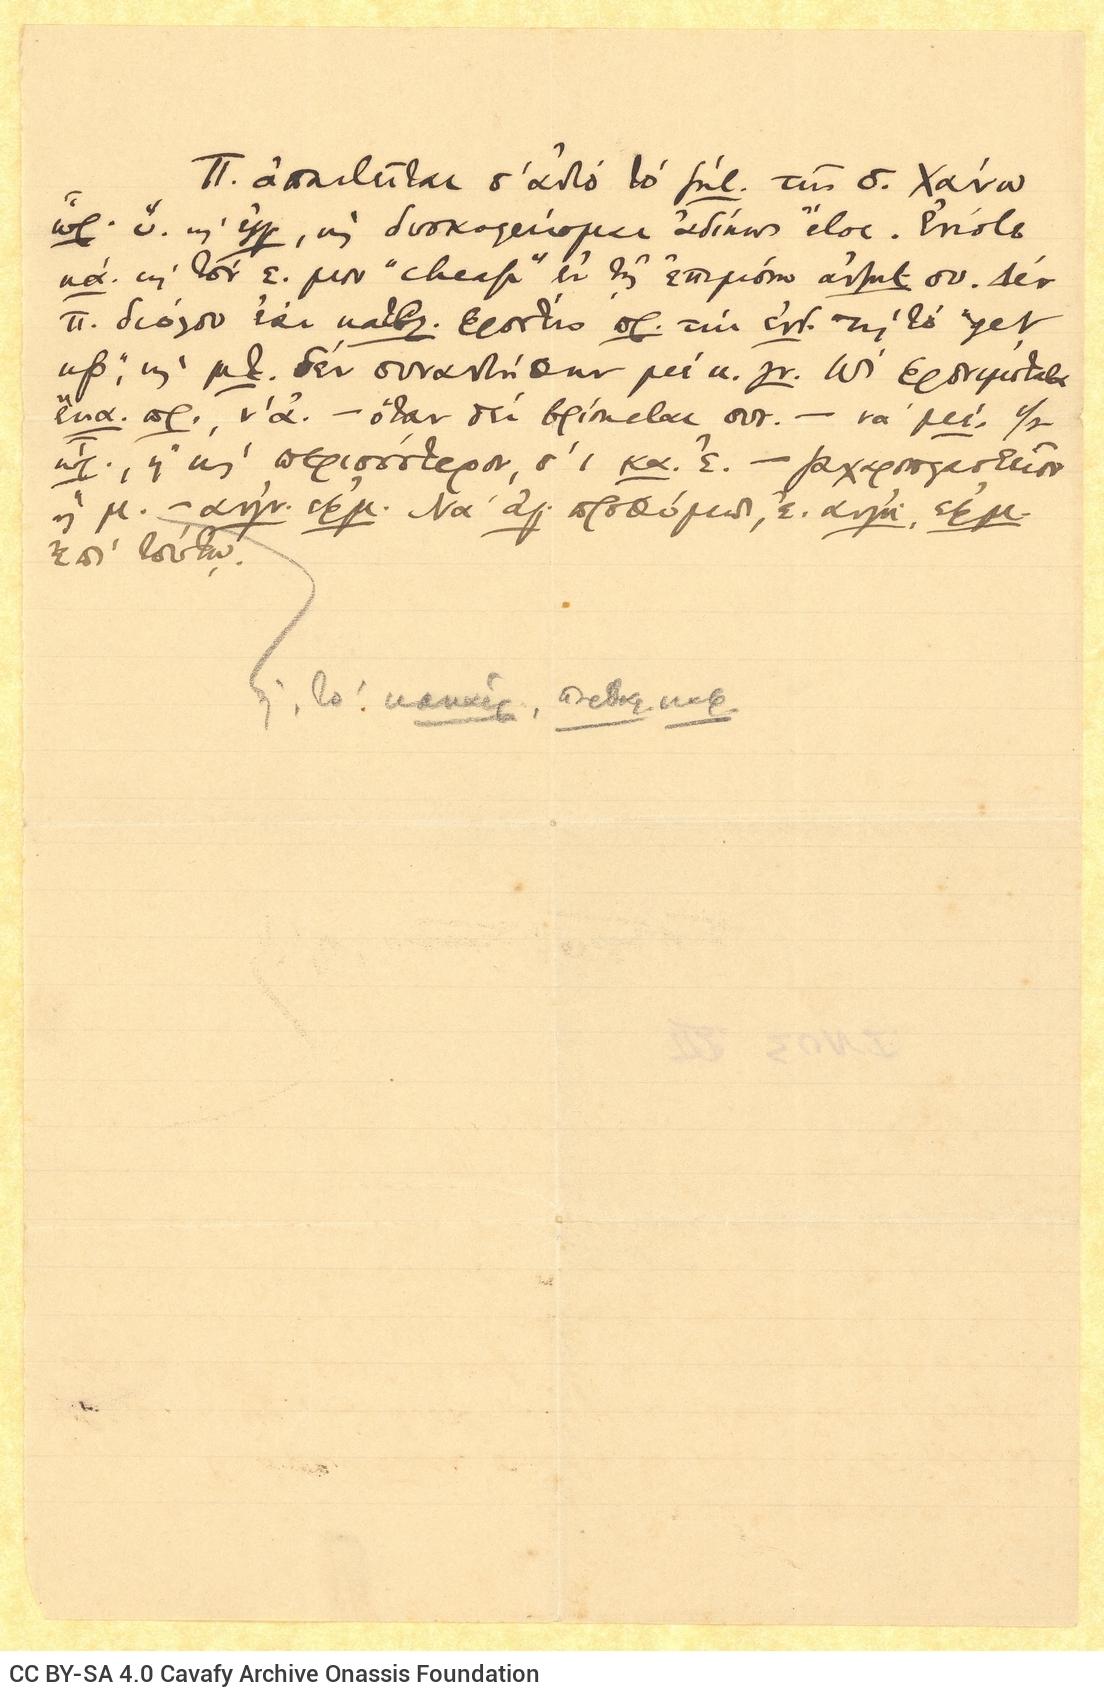 Χειρόγραφο σημείωμα με μελάνι στη μία όψη διαγραμμισμένου φύλλου.